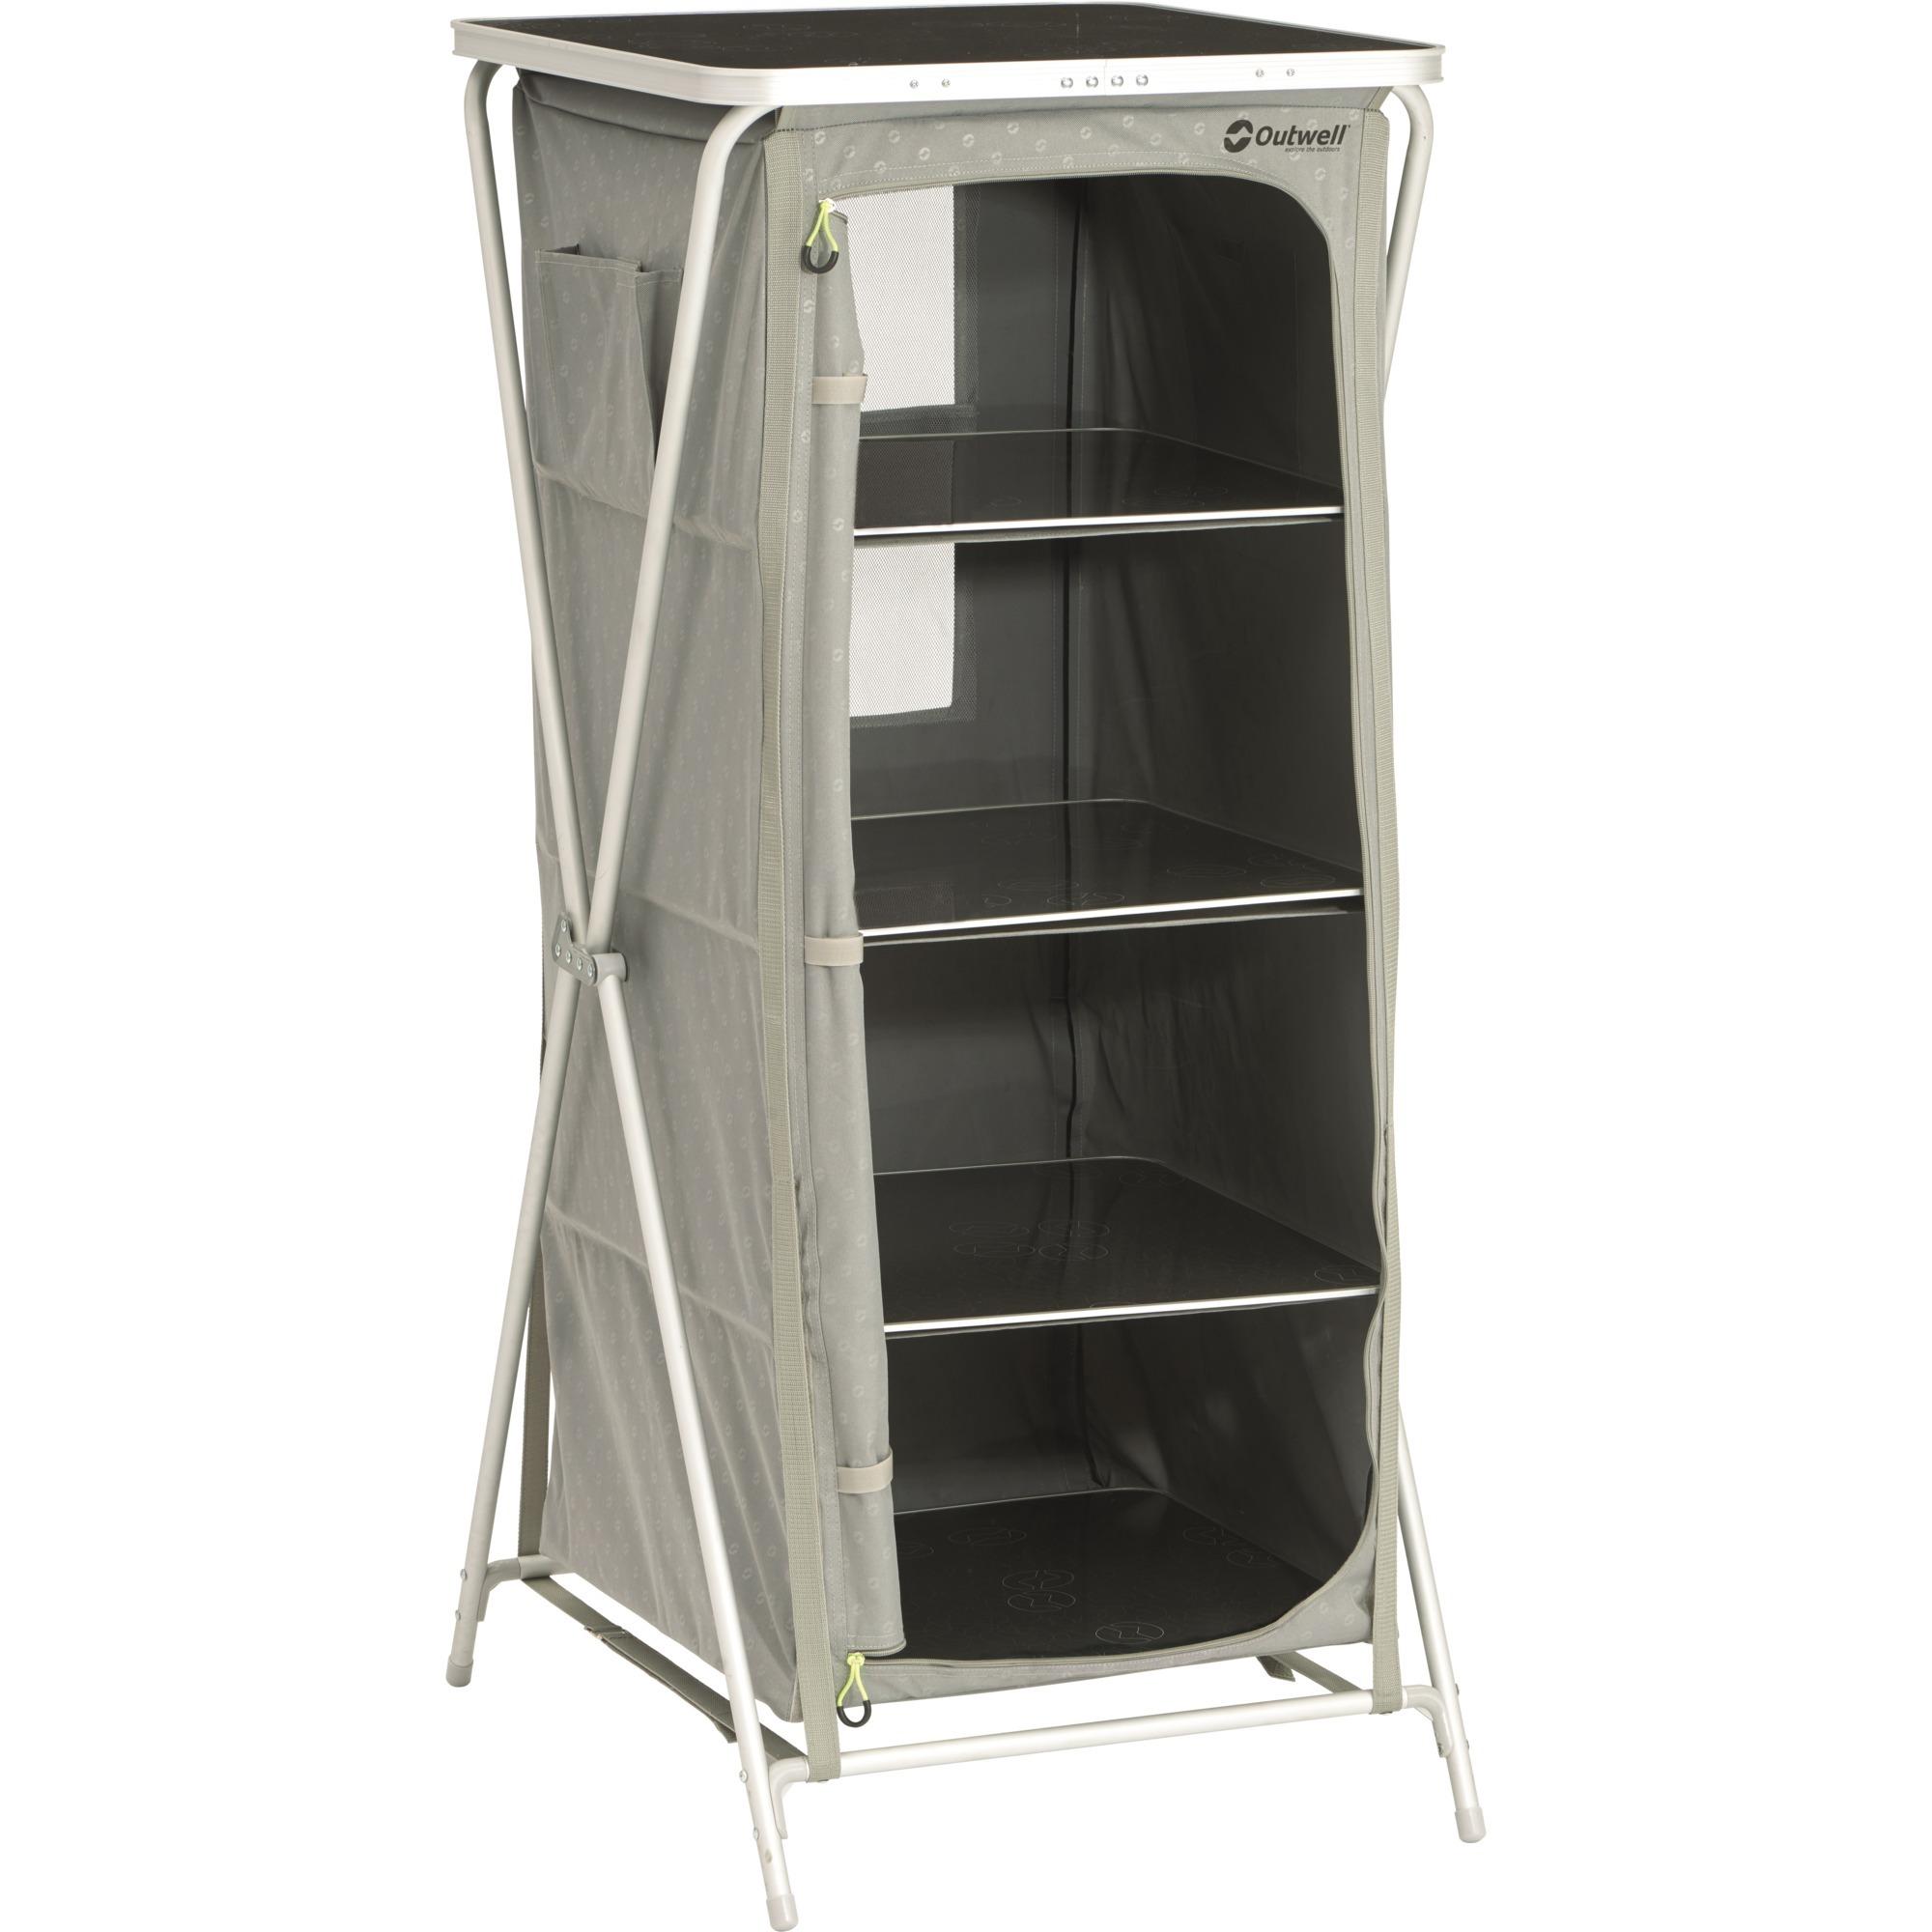 530066-4shelves-sammenfoldelig-campingskab-cabinet